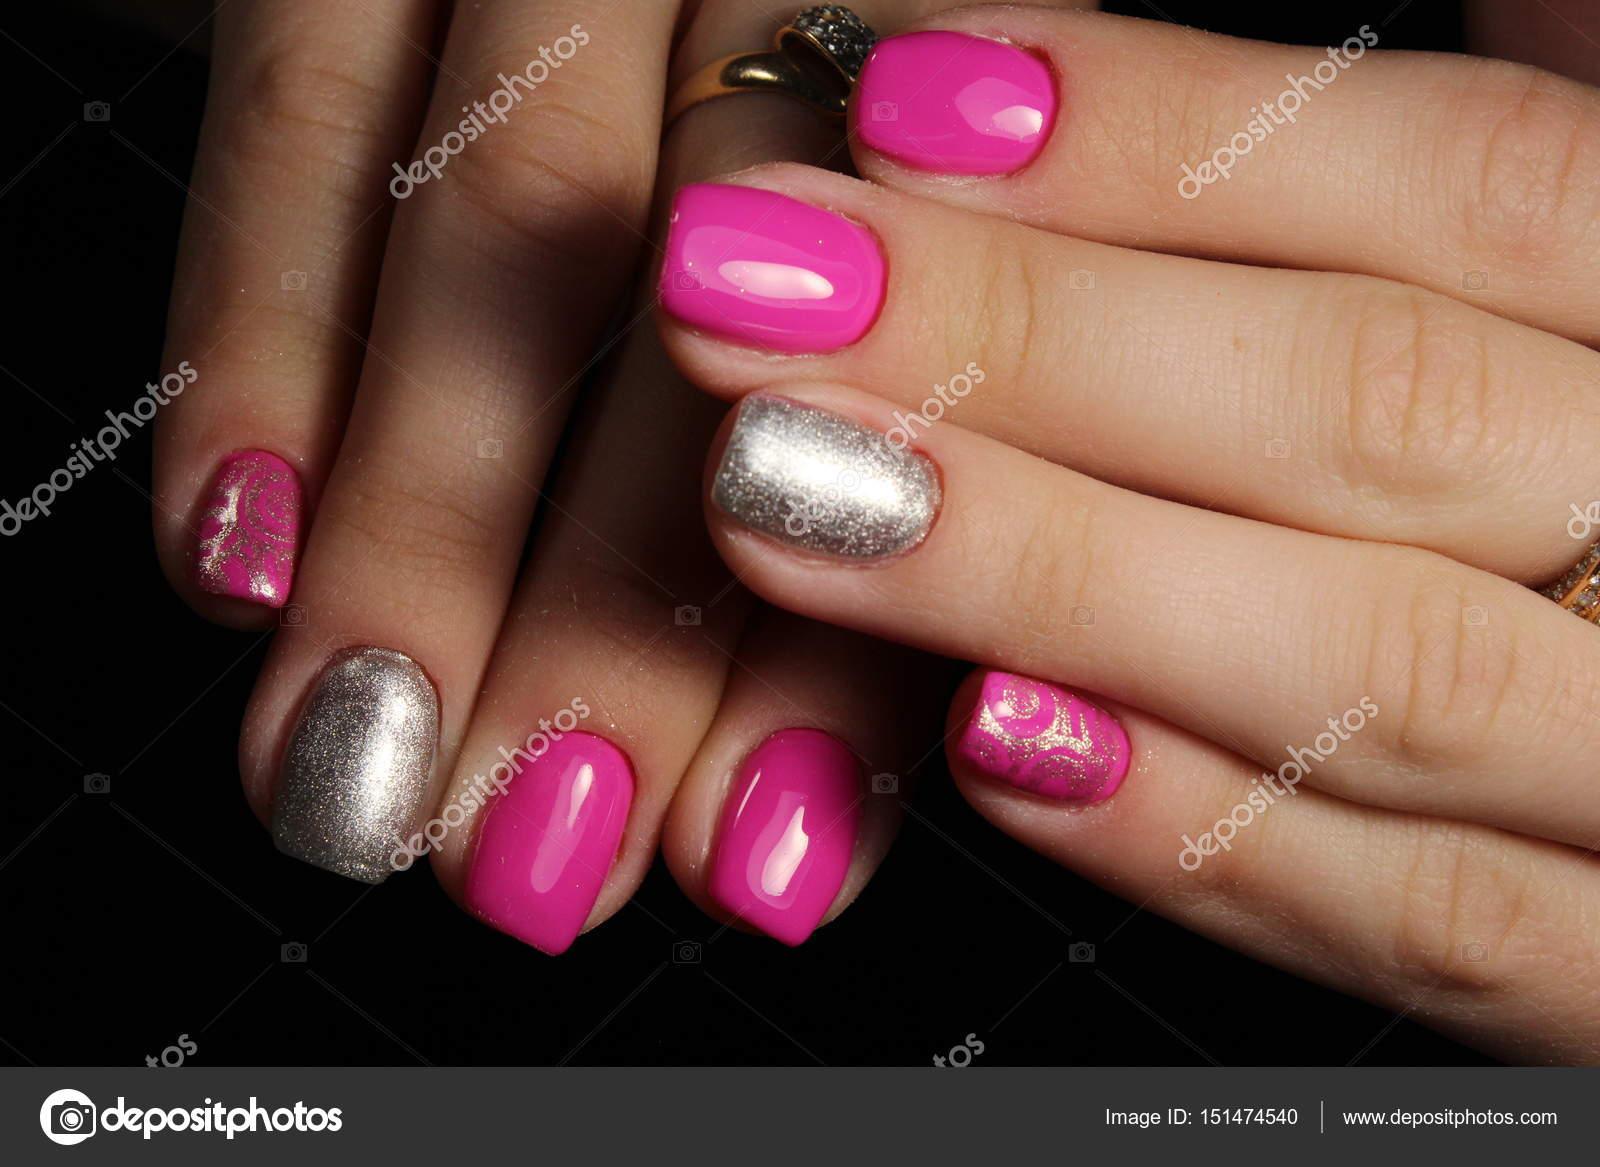 Schöne pink und Silber Nägel, Maniküre design — Stockfoto ...